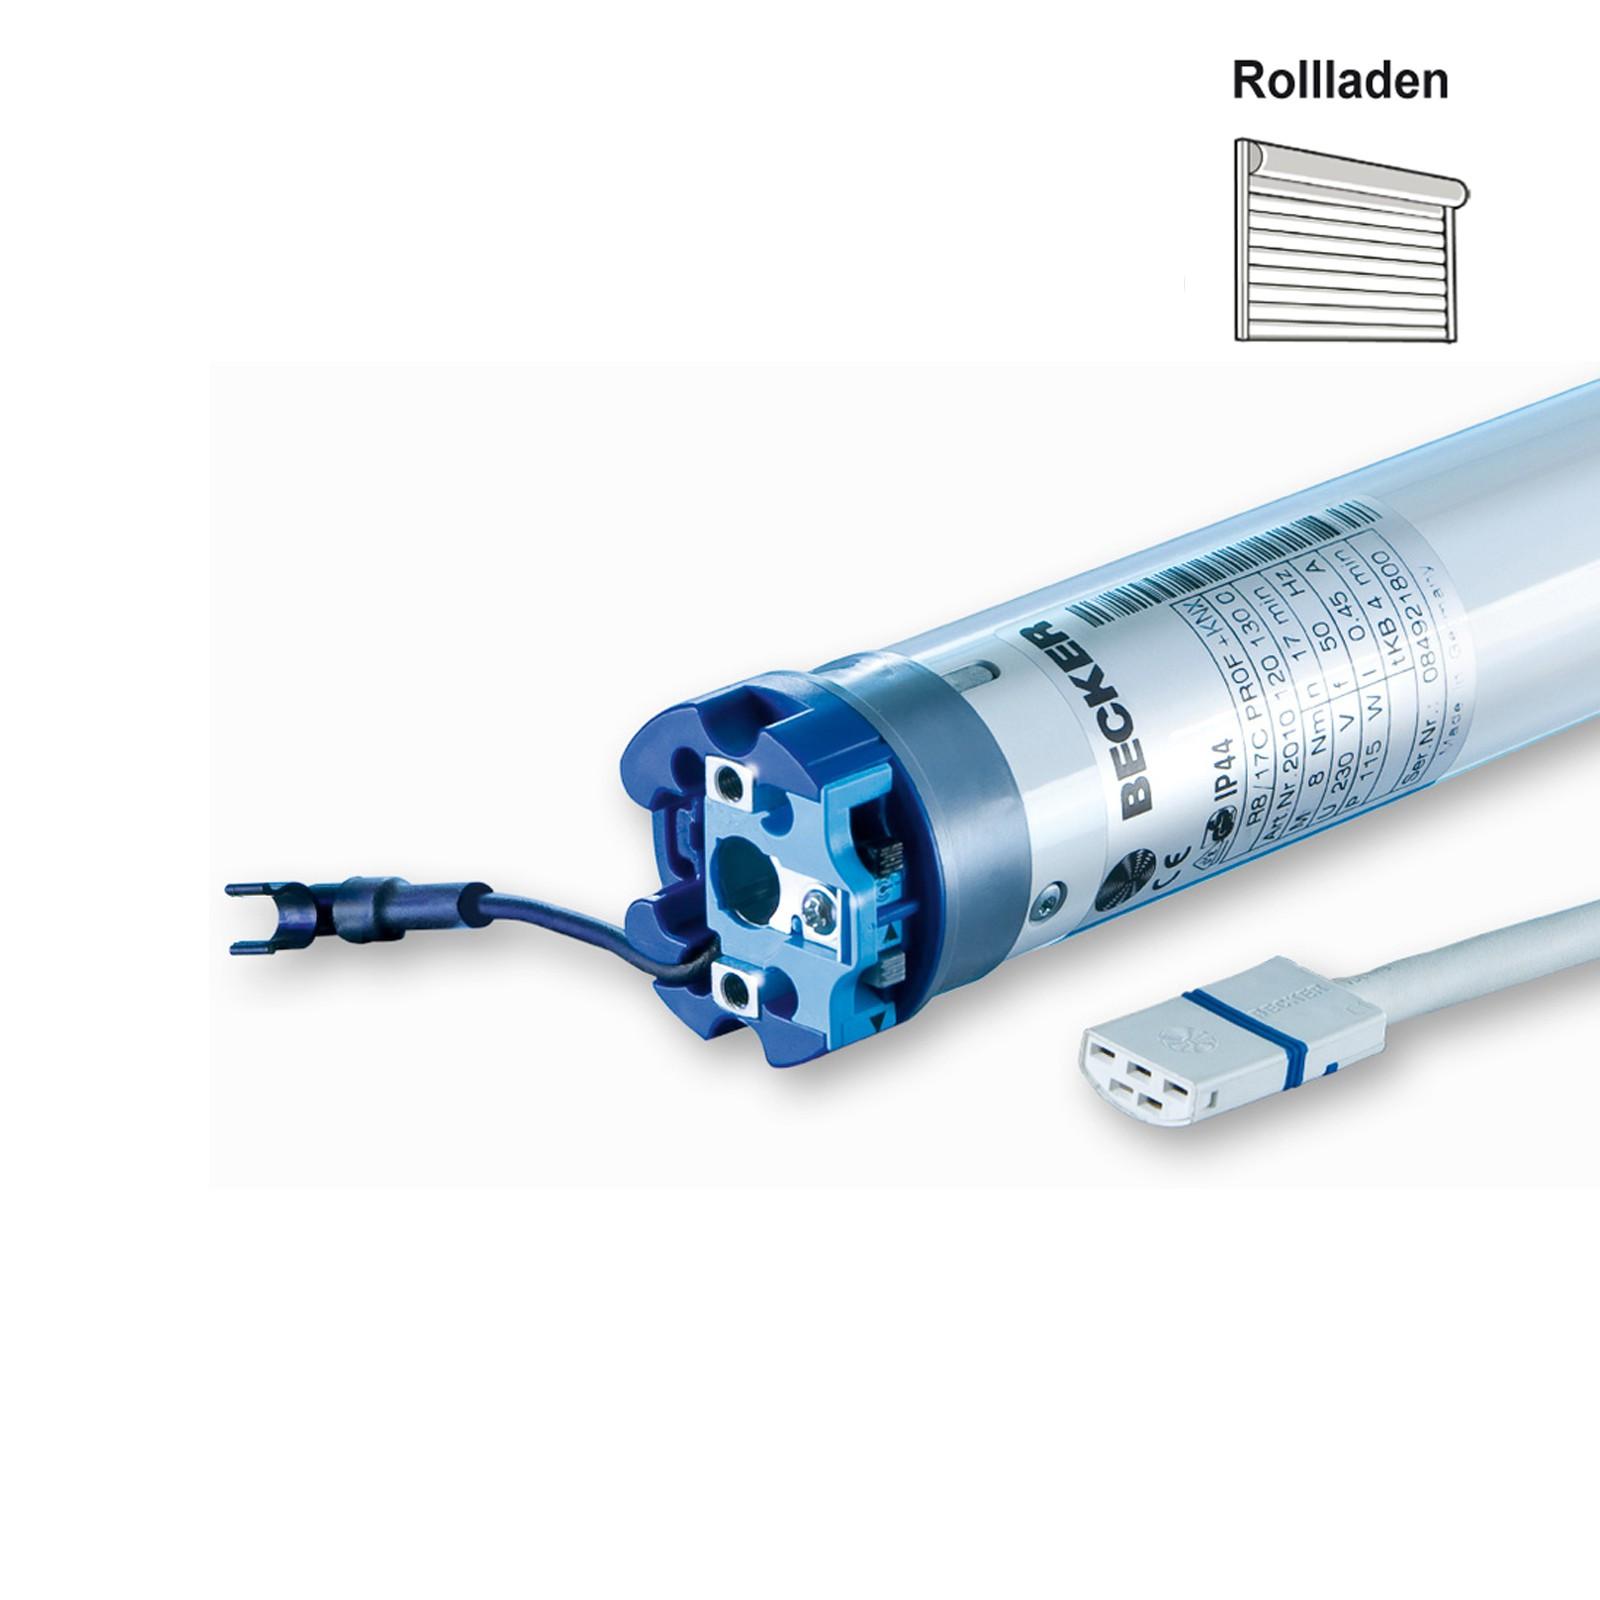 Becker Funk Rollladenmotor R8-B01